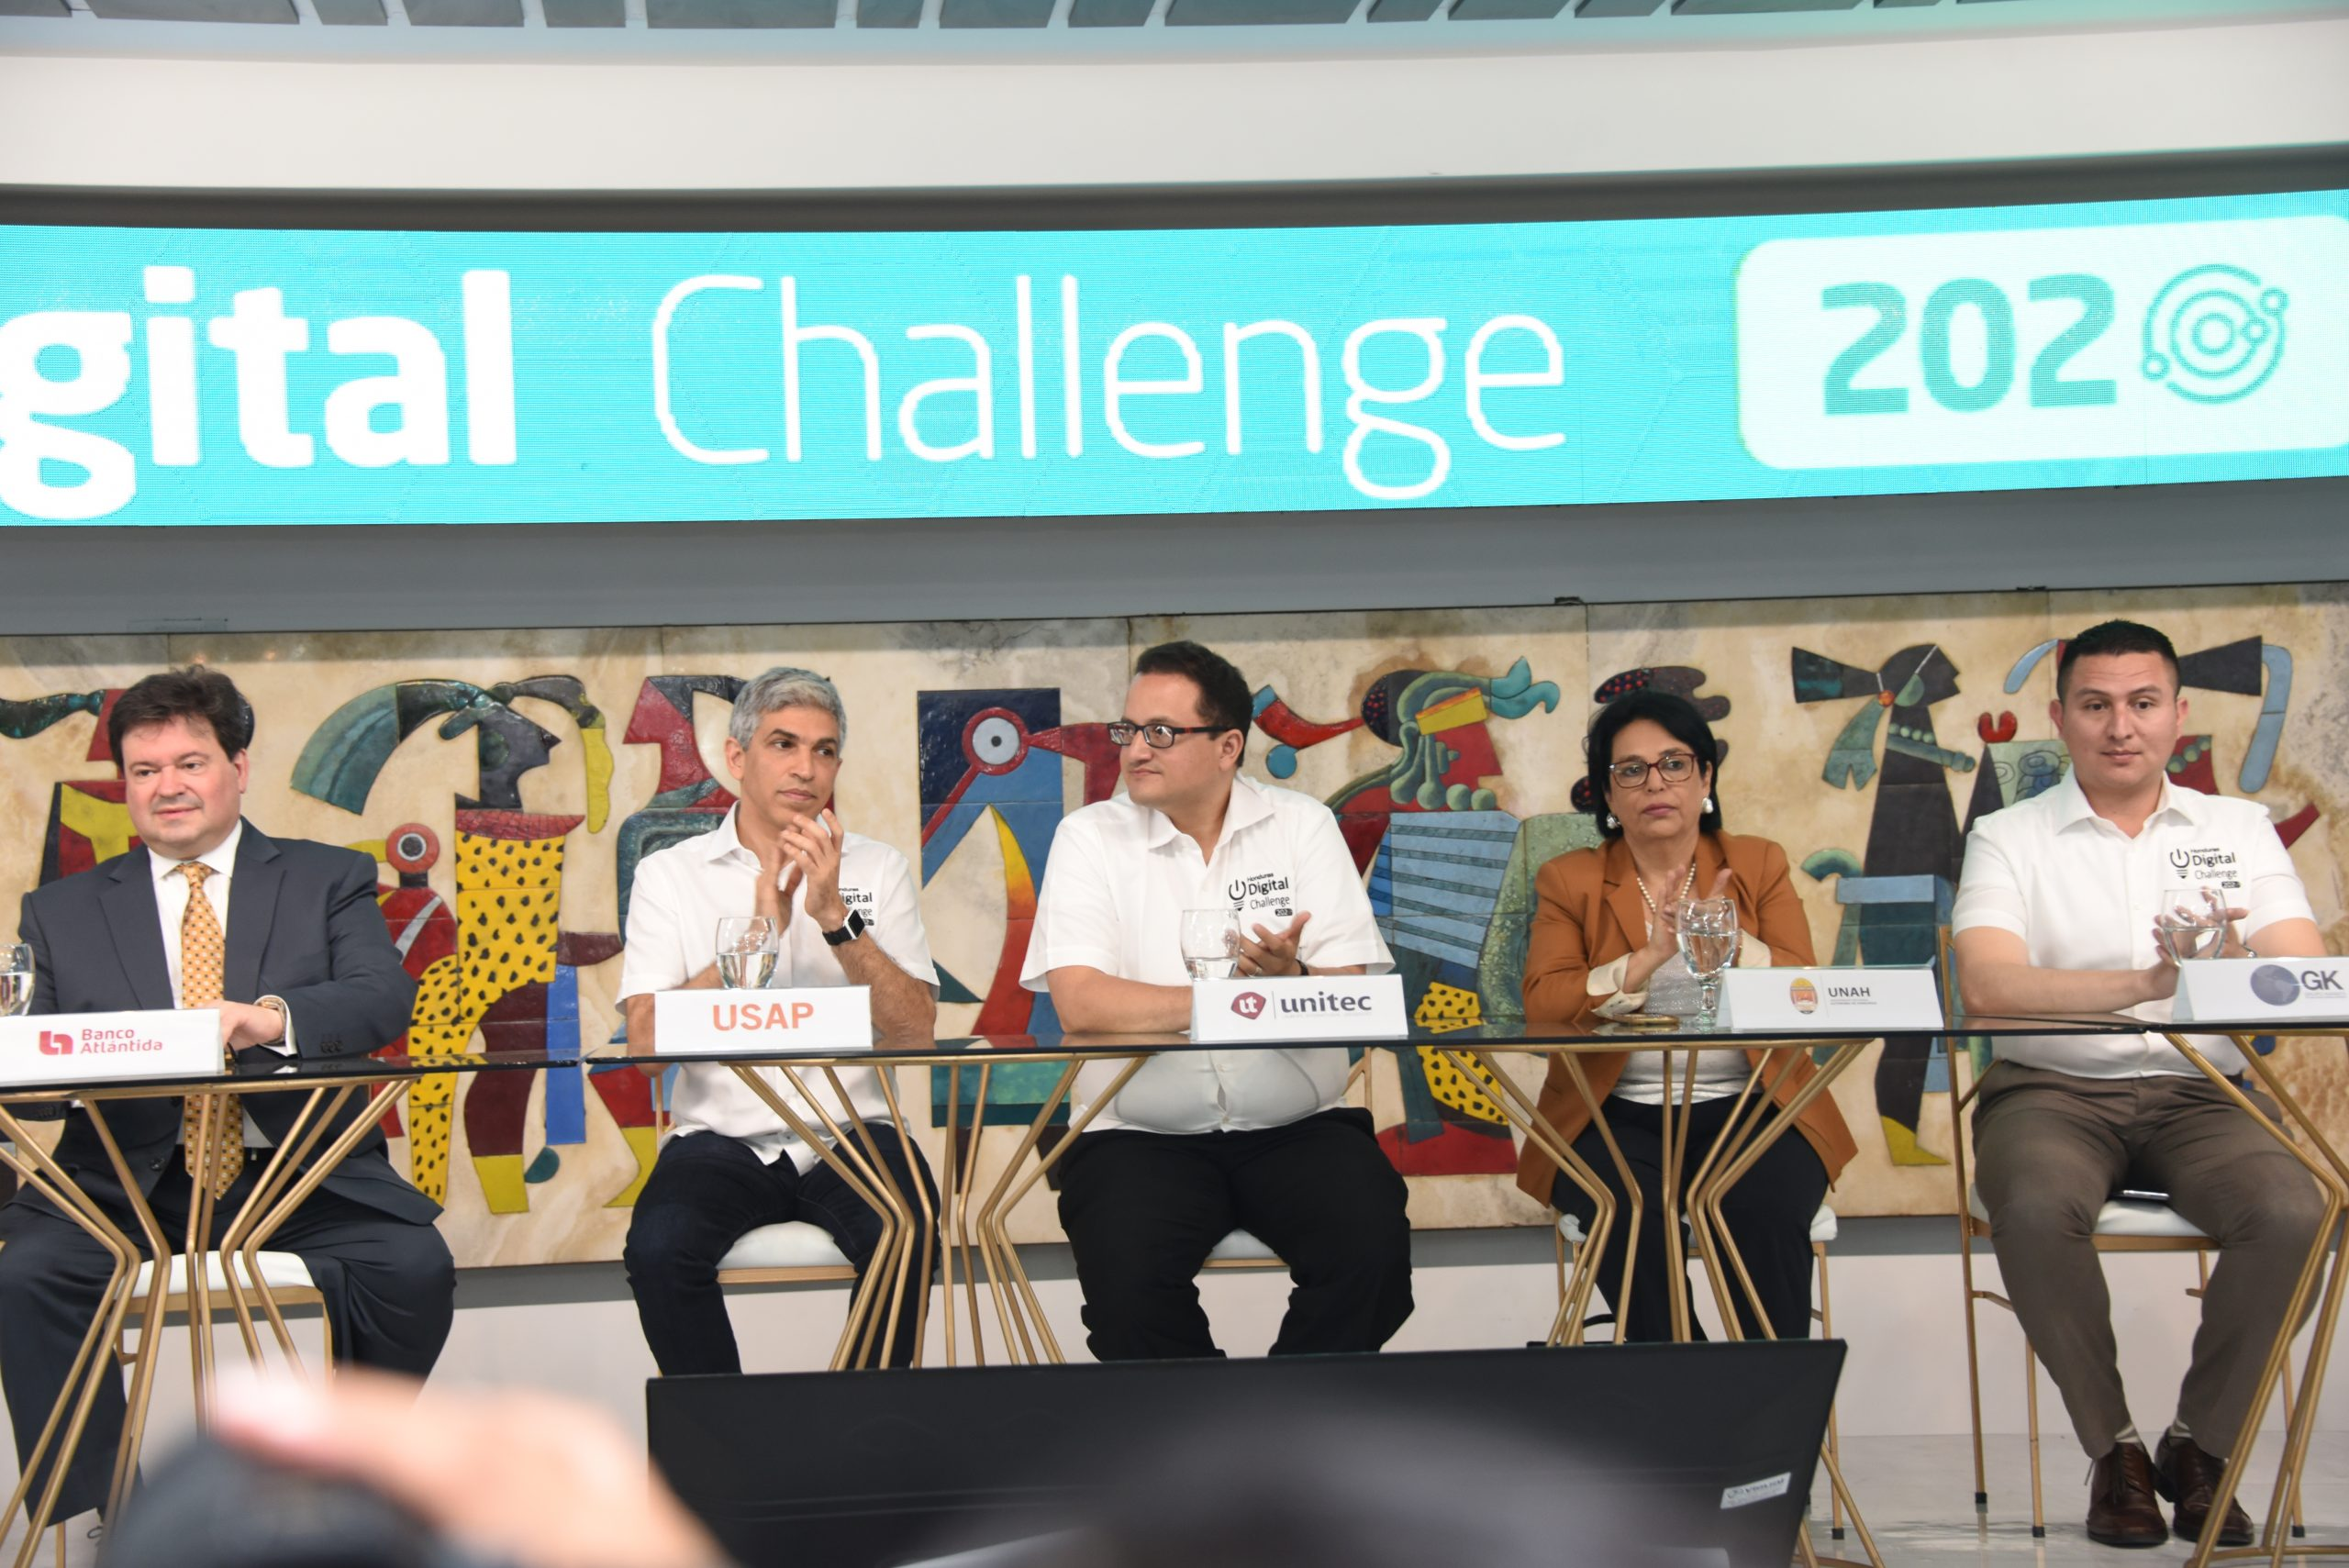 Honduras Digital Challenge regresa en su cuarta edición para brindar nuevas oportunidades de crecimiento e innovación en el país.